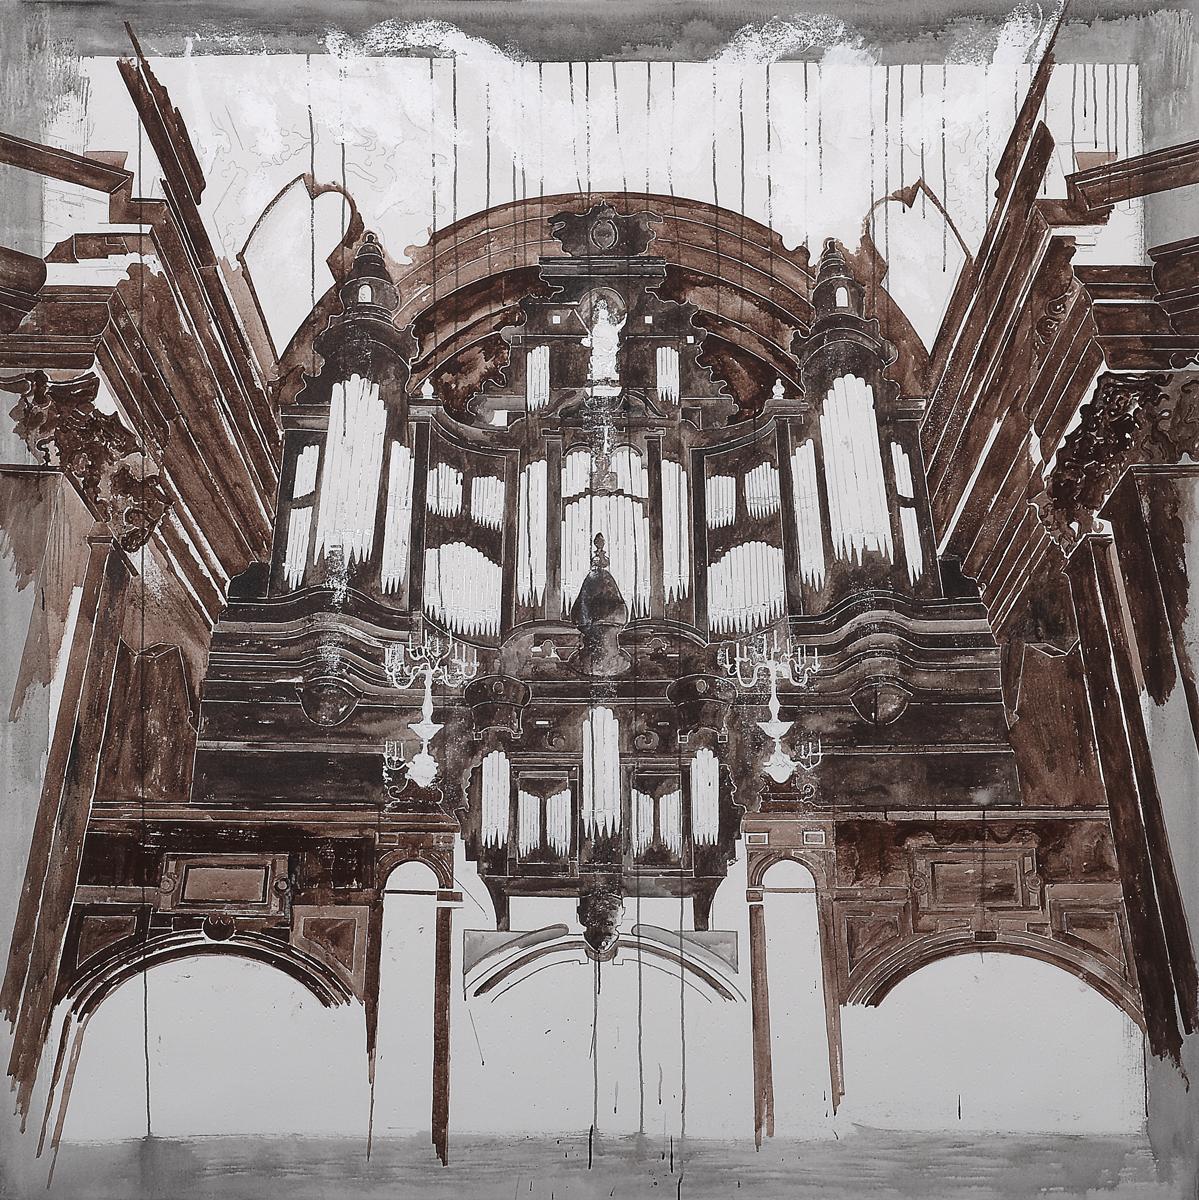 Requiem von Mozart, 2007 195 x 195 cm / 77 x 77 inches Pigments / Canvas